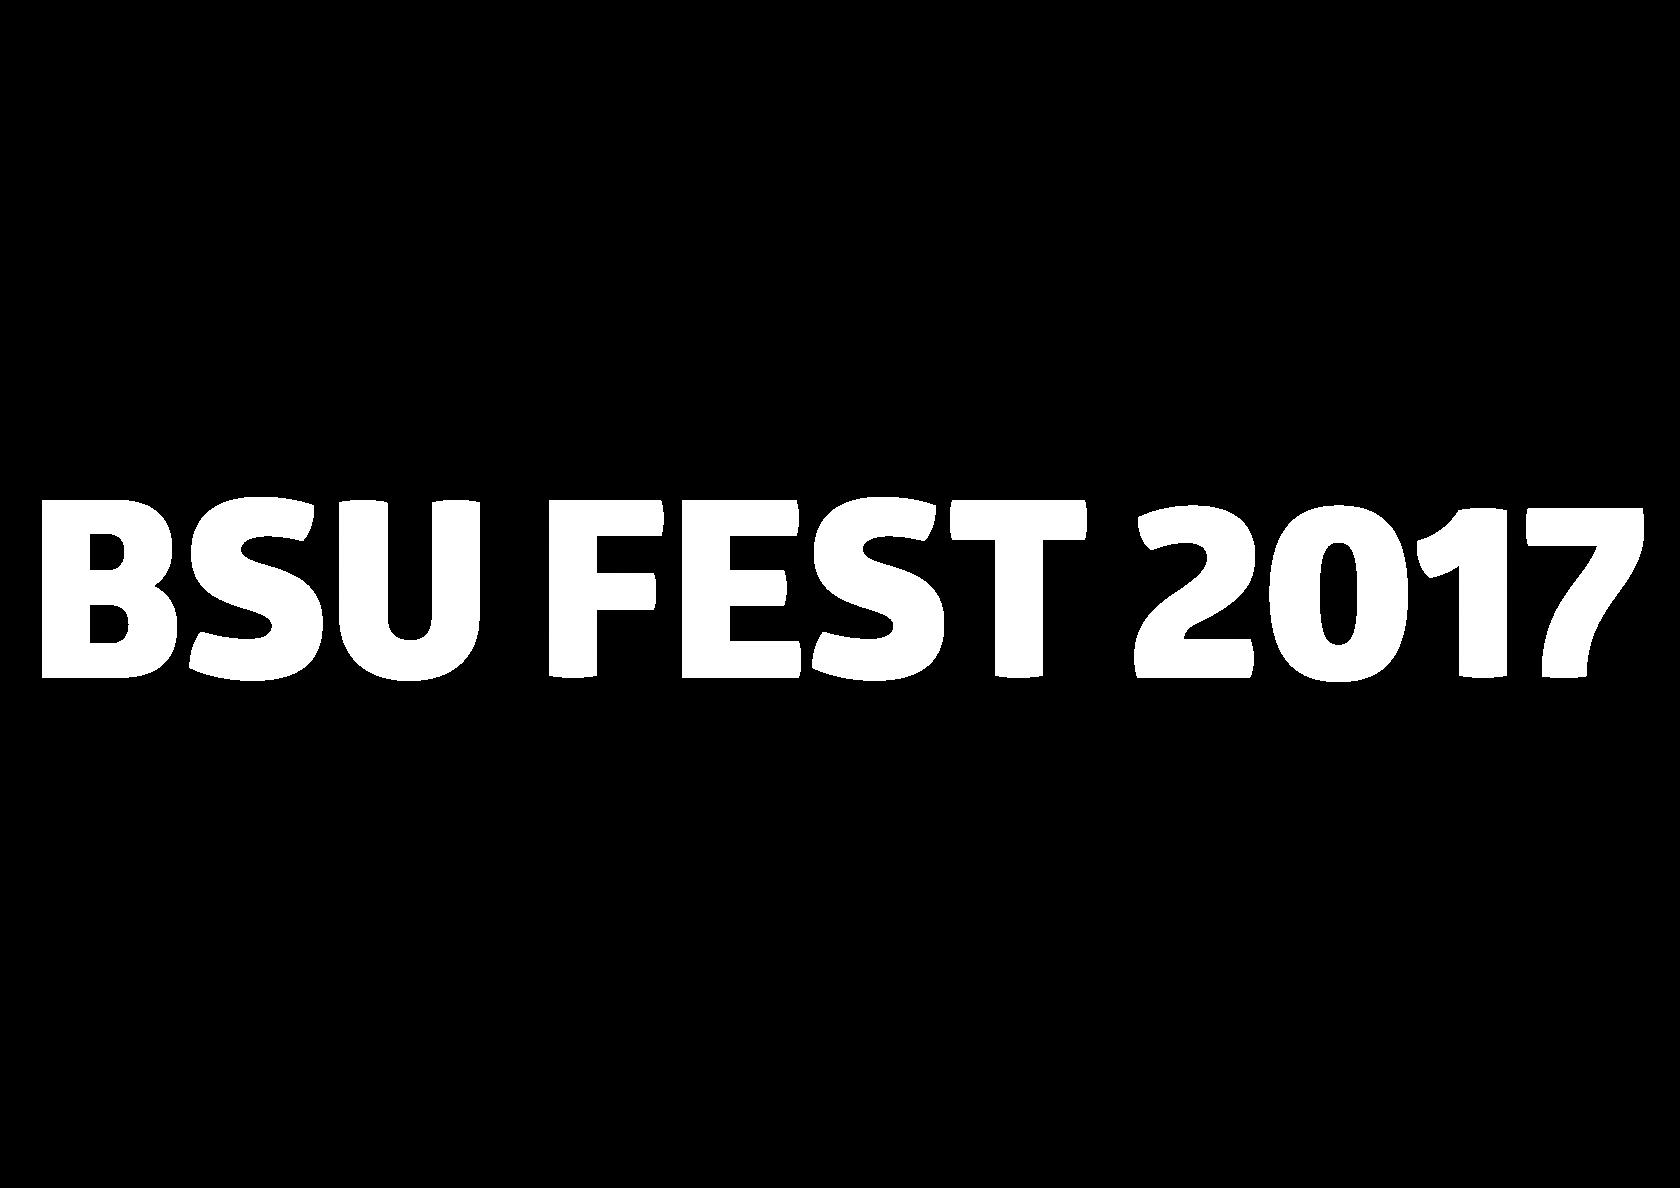 BSU FEST 2017